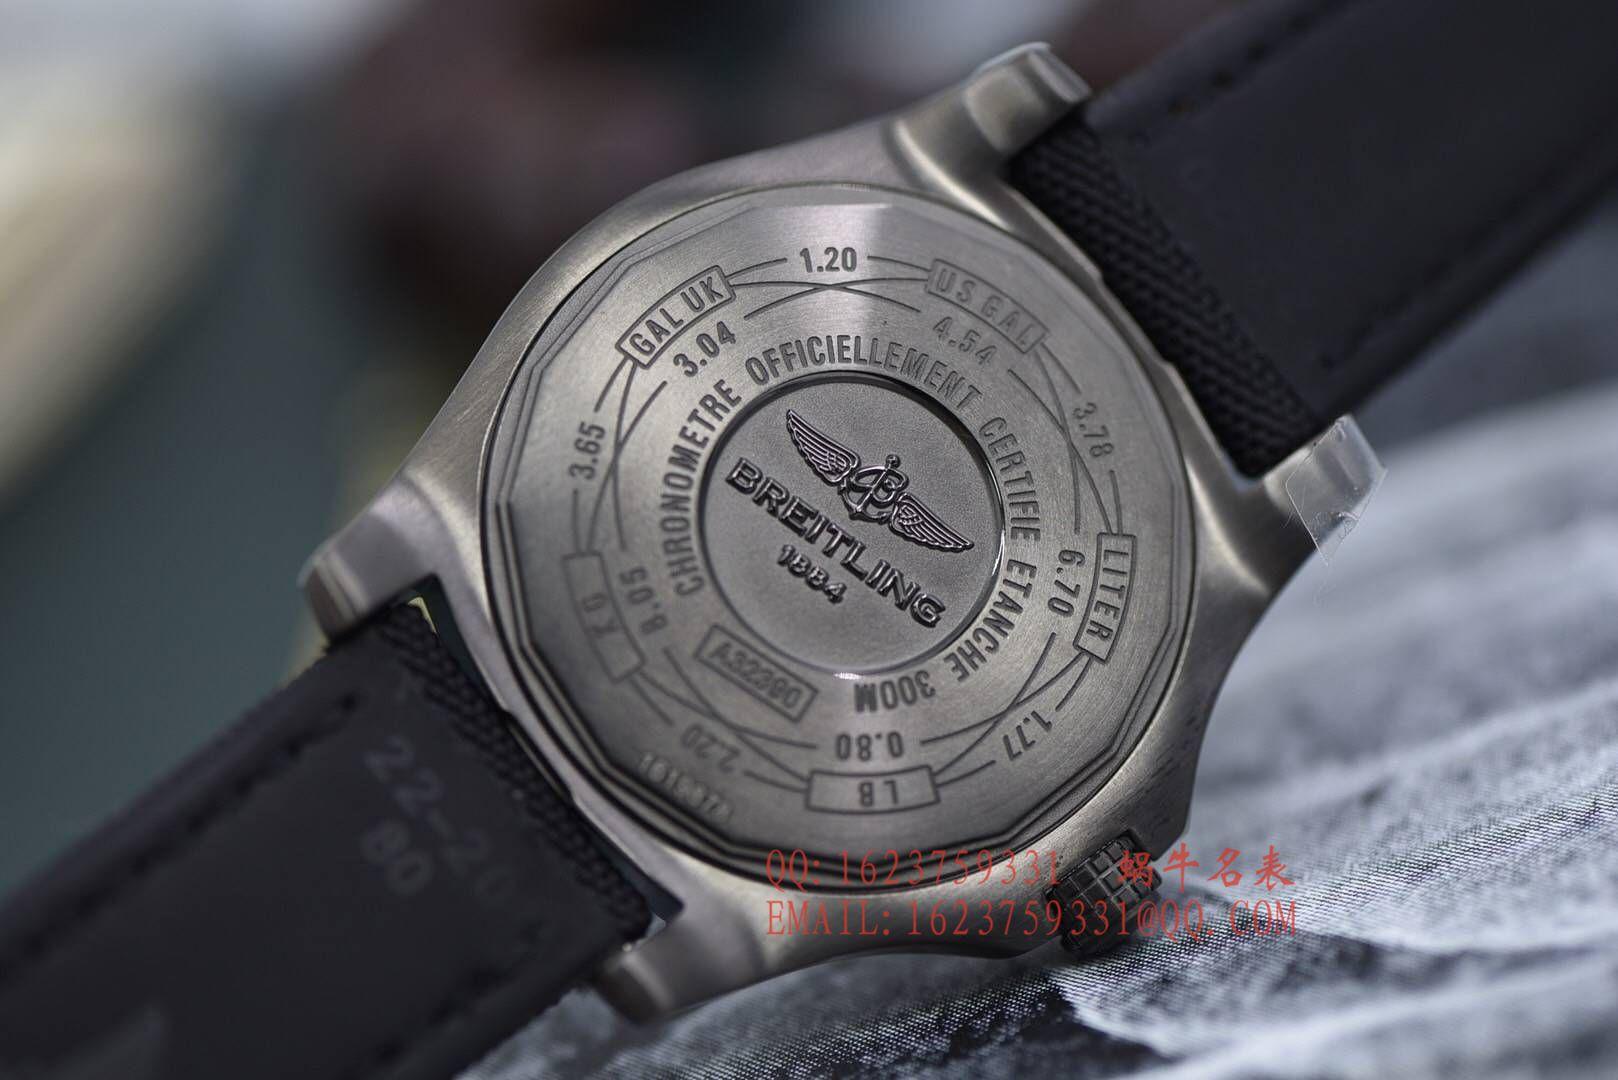 【独家视频评测GF厂顶级高复刻手表】百年灵复仇者系列A3239011|BC35|152S|A20S.1复仇者二代GMT腕表 / BLBA075